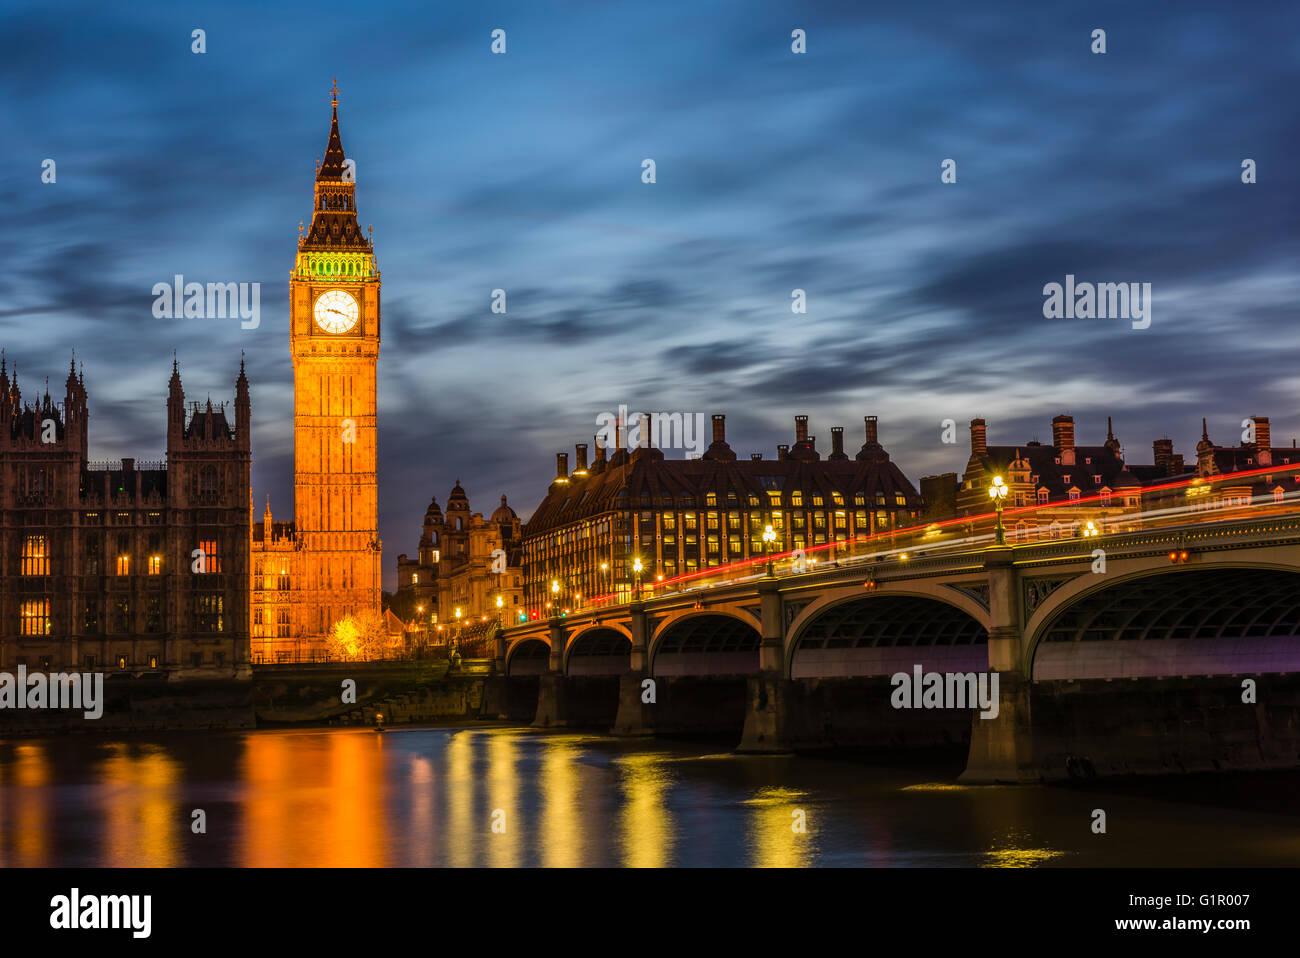 De superbes lumières autour de pont de Westminster et Big Ben à la brunante, Londres, Royaume-Uni. Photo Stock